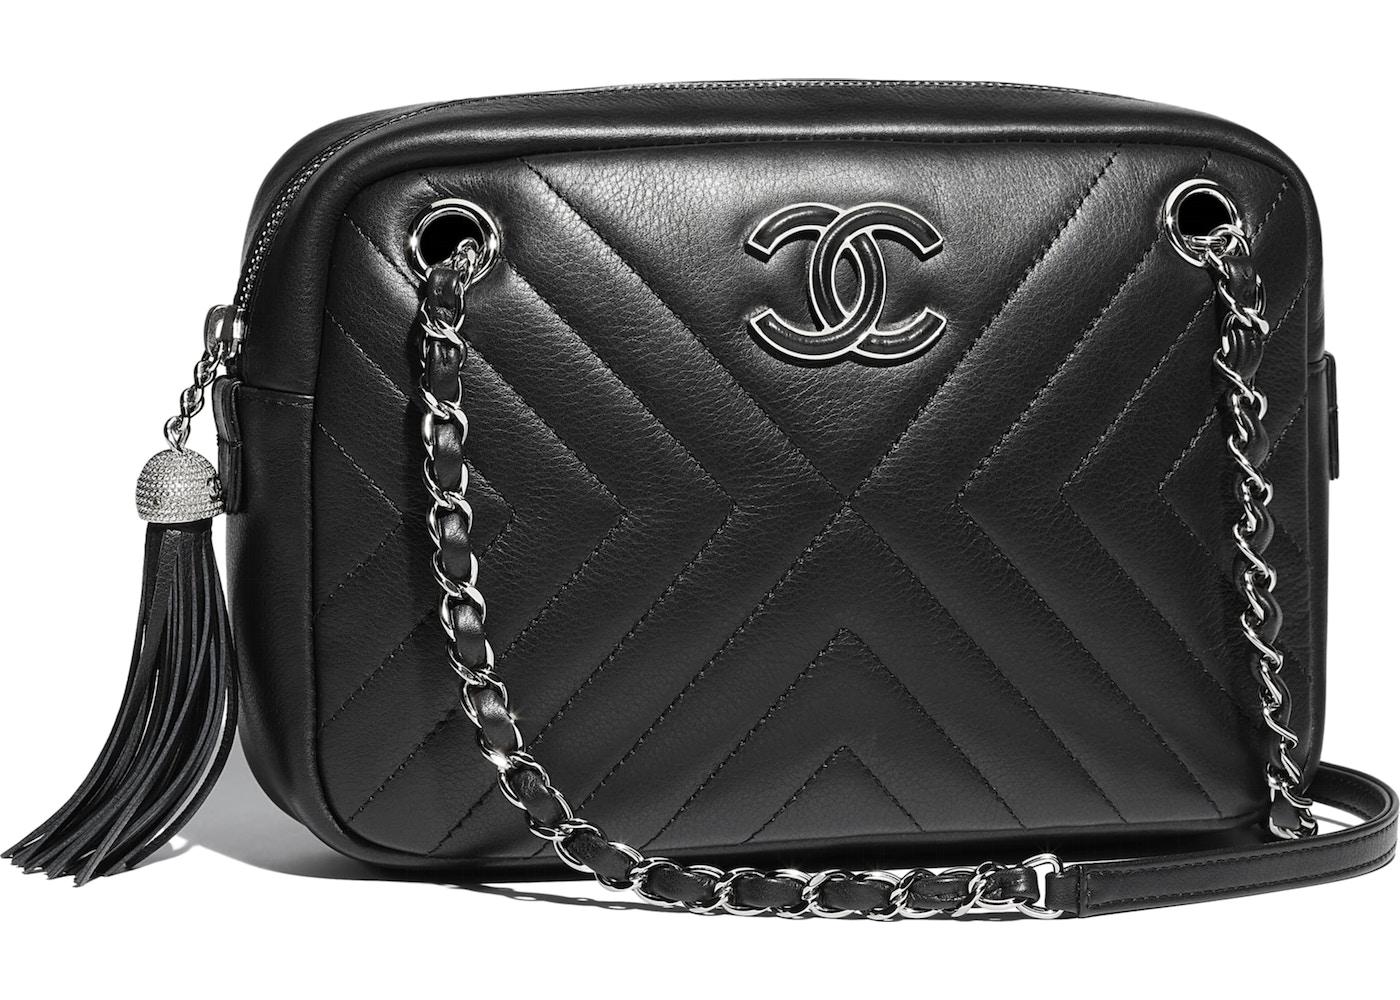 7778ebea7e7 Chanel Camera Case Silver-Tone Black. Silver-Tone Black